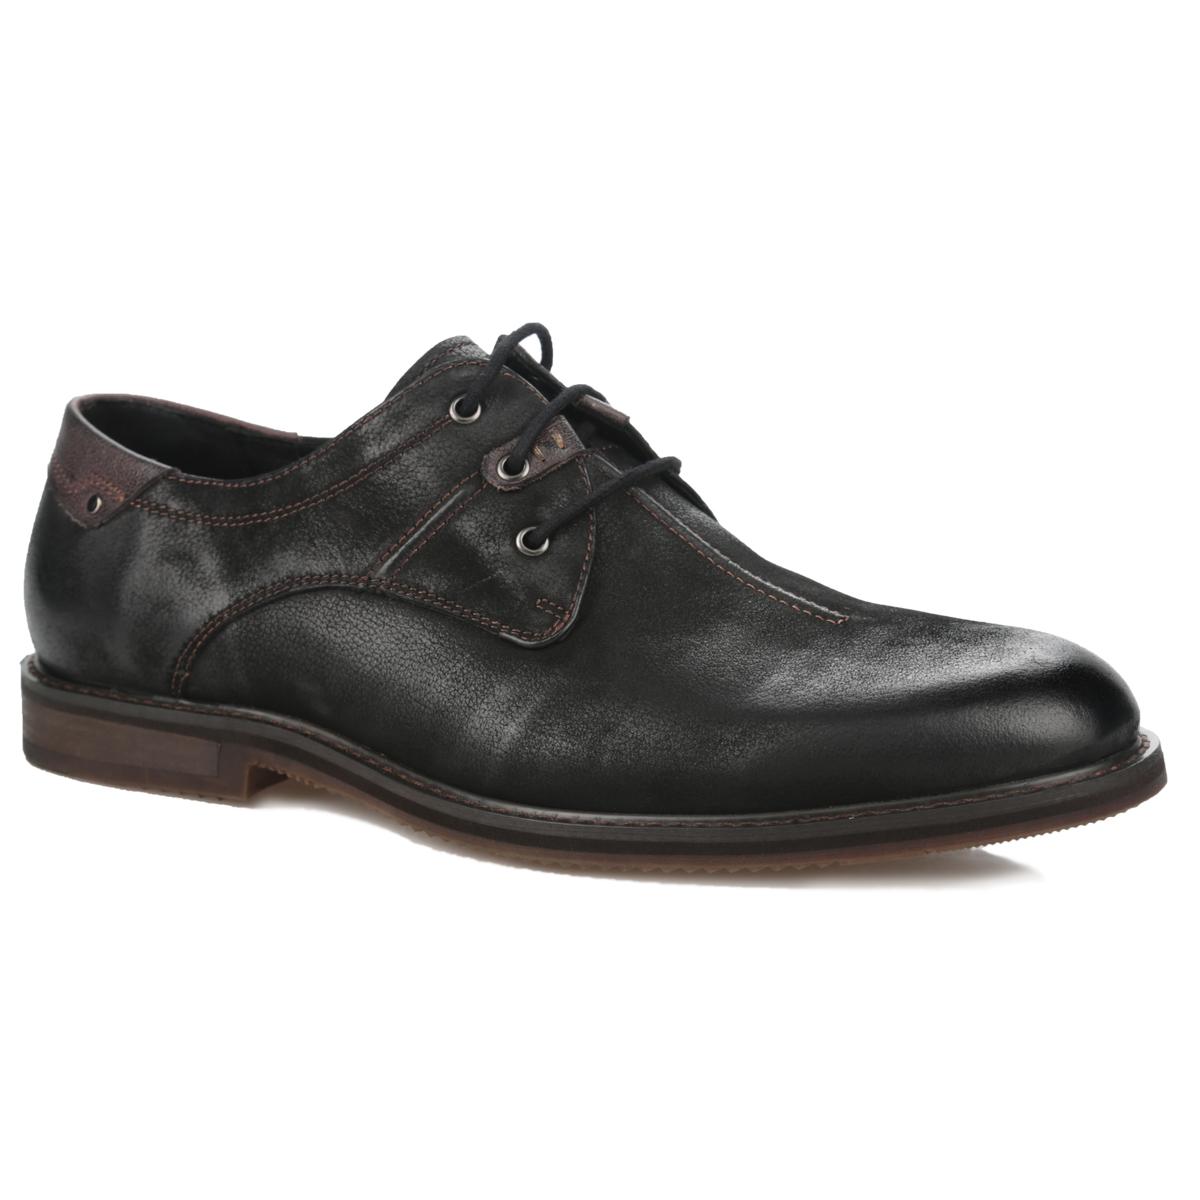 Туфли мужские. 109-117-01109-117-01Модные мужские туфли от Dino Ricci займут достойное место среди вашей коллекции обуви. Модель выполнена из натуральной высококачественной кожи и оформлена лаконичной прострочкой, на тыльной поверхности - декоративным отворотом с металлическими заклепками. Шнуровка позволяет прочно зафиксировать обувь на ноге. Стелька из натуральной кожи обеспечивает максимальный комфорт при движении. Перфорация на стельке позволяет вашим ногам дышать. Каблук оформлен вставкой, стилизованной под дерево. Рифленая поверхность подошвы и каблука защищает изделие от скольжения. Стильные туфли прекрасно дополнят ваш деловой образ.